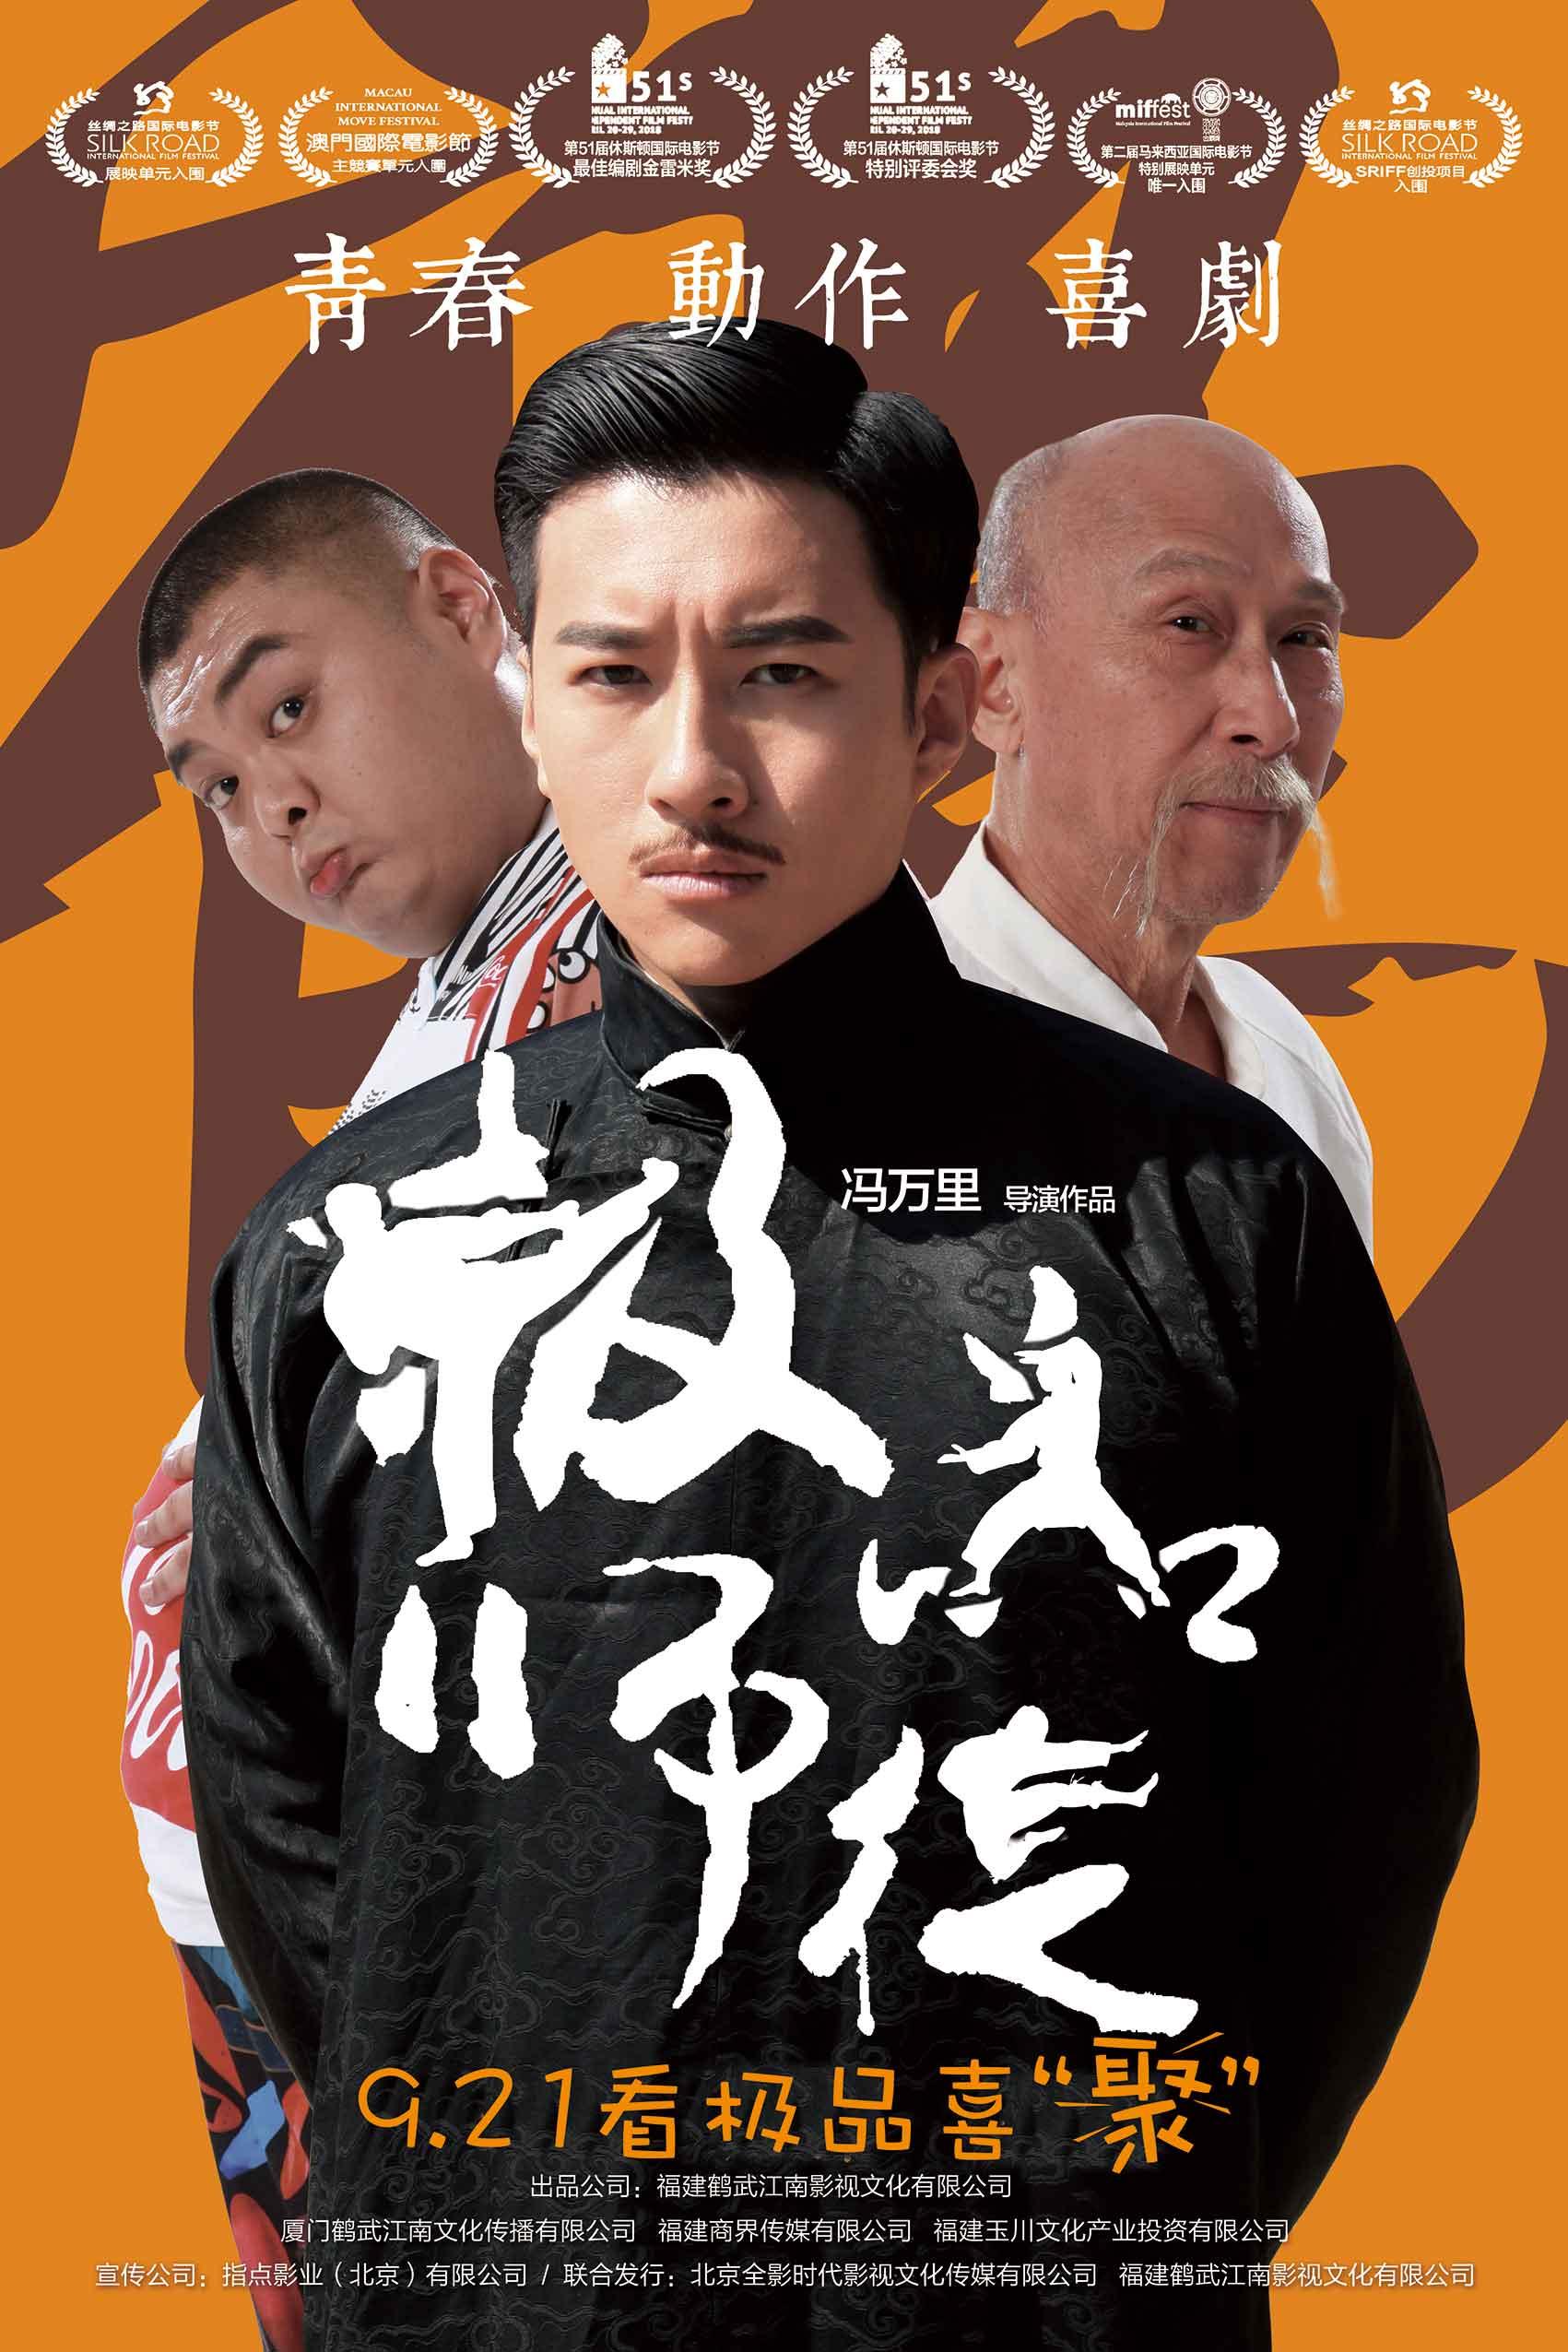 同日,以永春白鹤拳为背景的青春功夫喜剧《极品师徒》,宣布定档中秋节